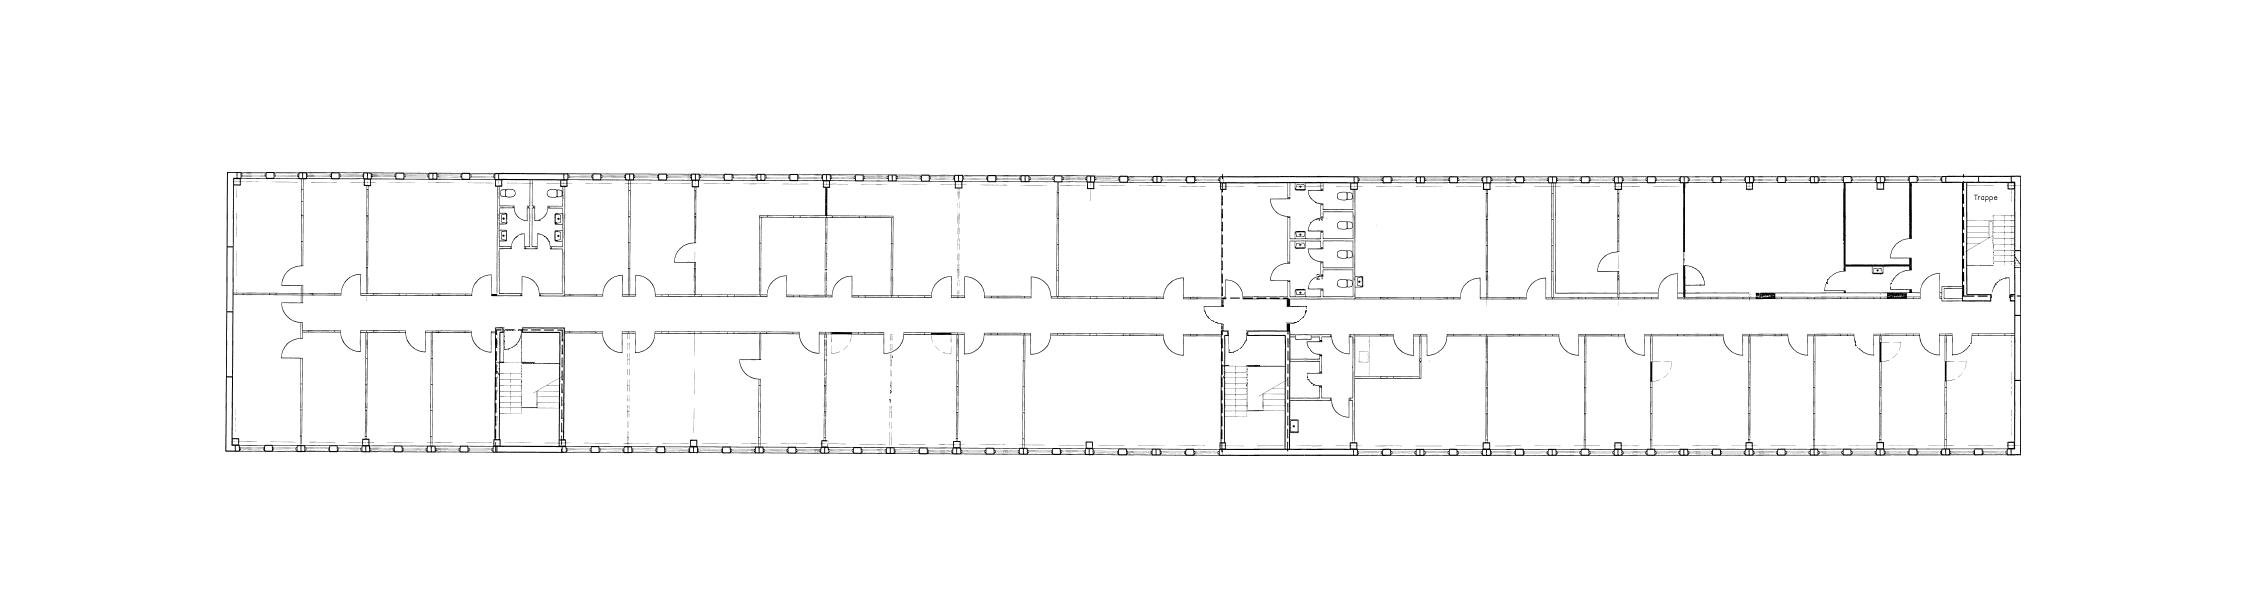 Plantegning 1. sal - Bygning D